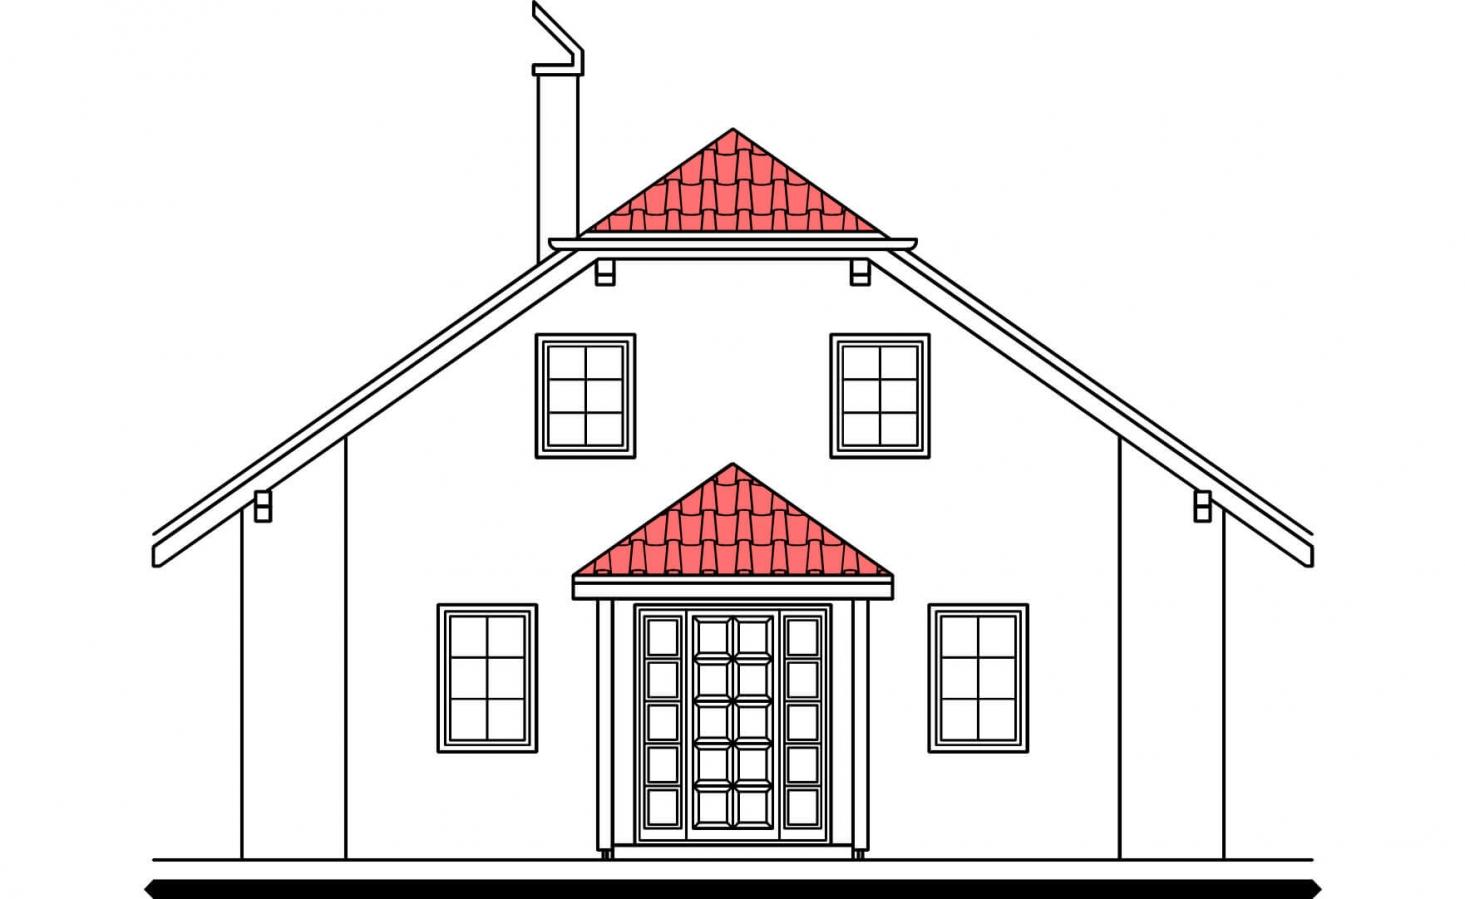 Pohľad 1. - Klasický rodinný dom s izbou na prízemí.